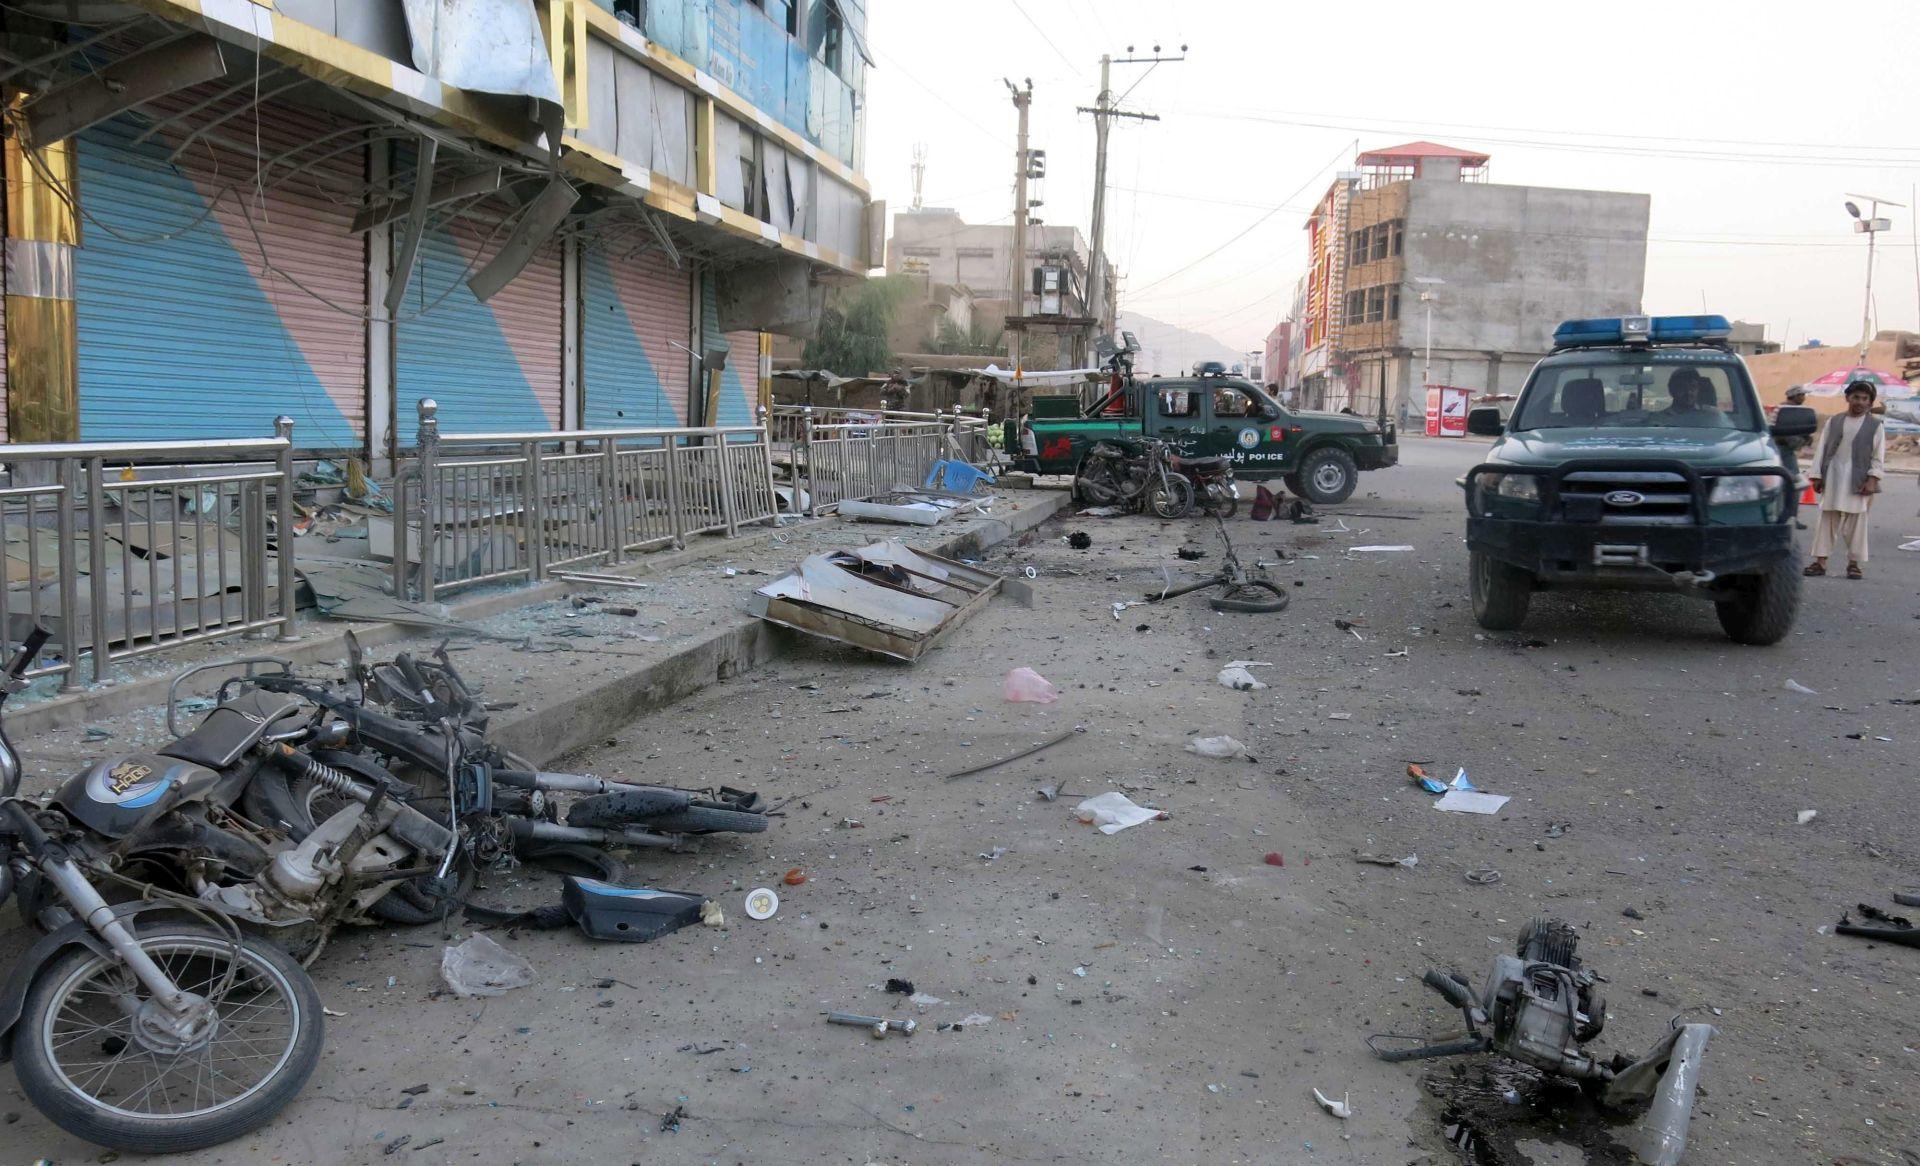 SAMOUBILAČKI NAPAD U KAMERUNU Raznijela se 12-godišnjakinja, 20 ljudi poginulo